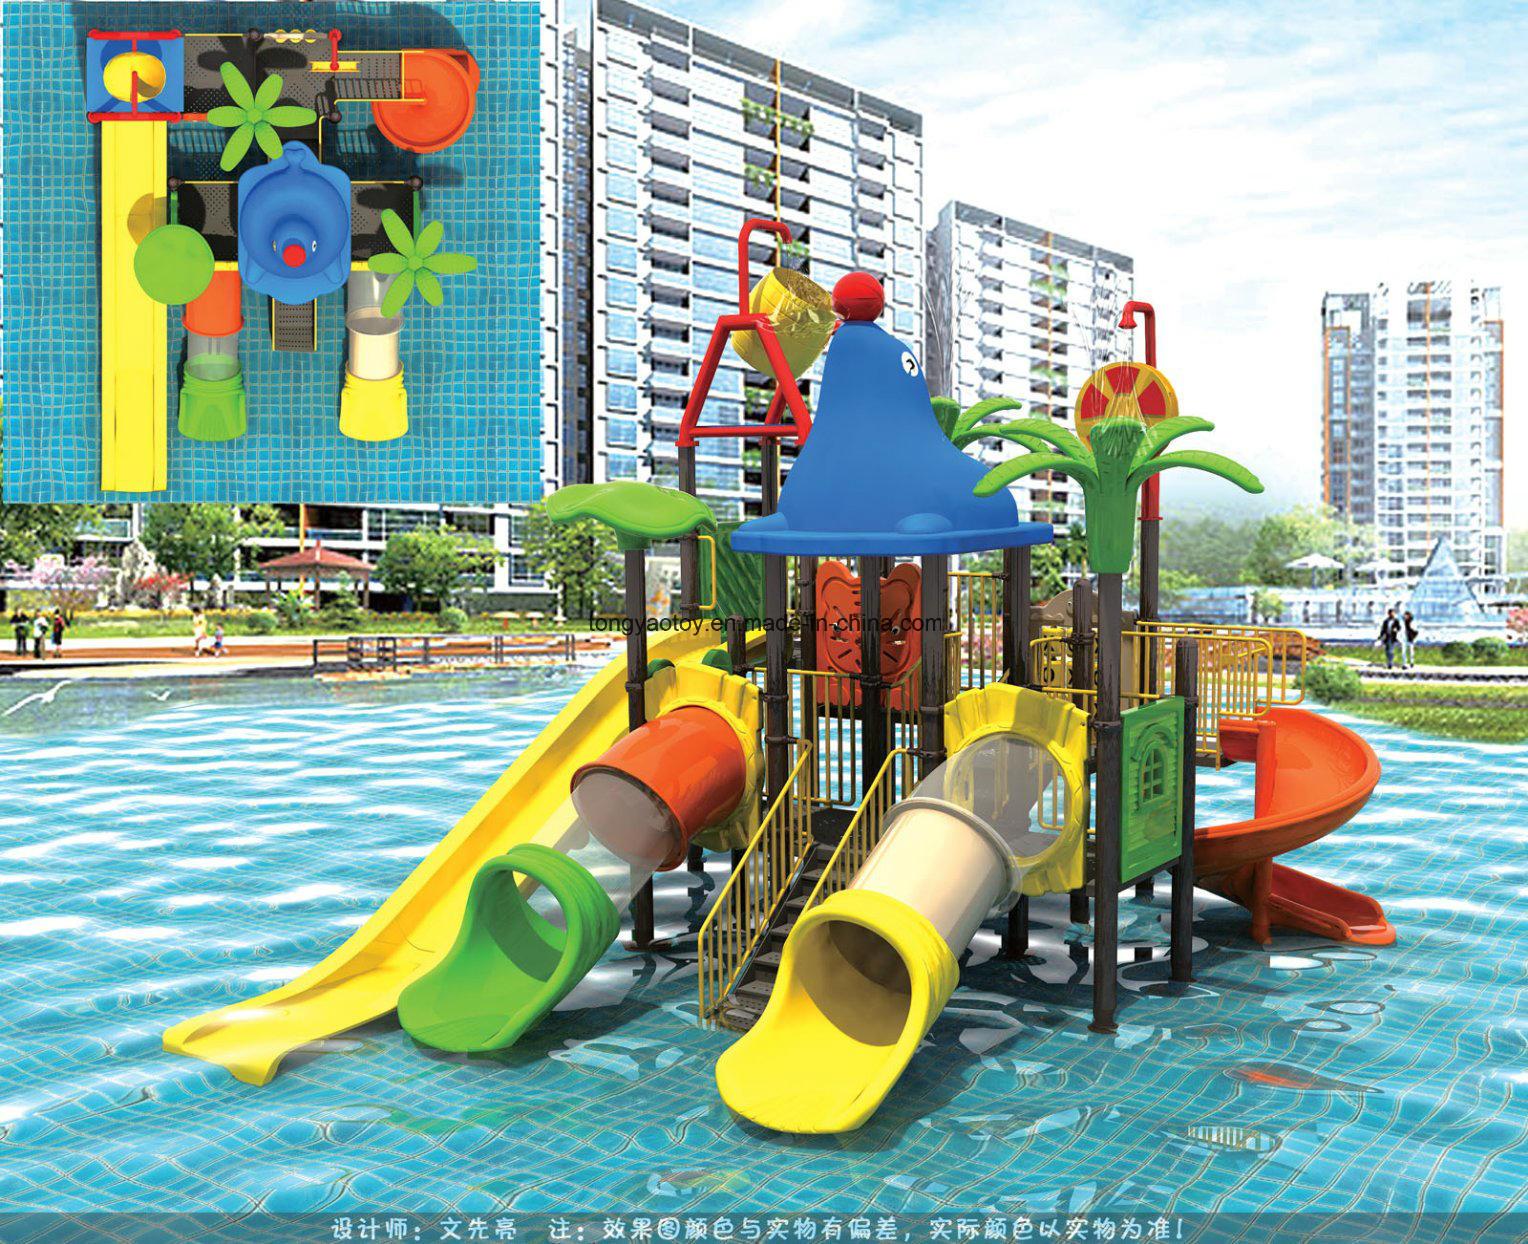 Piscine En Fibre De Verre A Vendre hot vendre au meilleur prix de la piscine du parc de l'eau